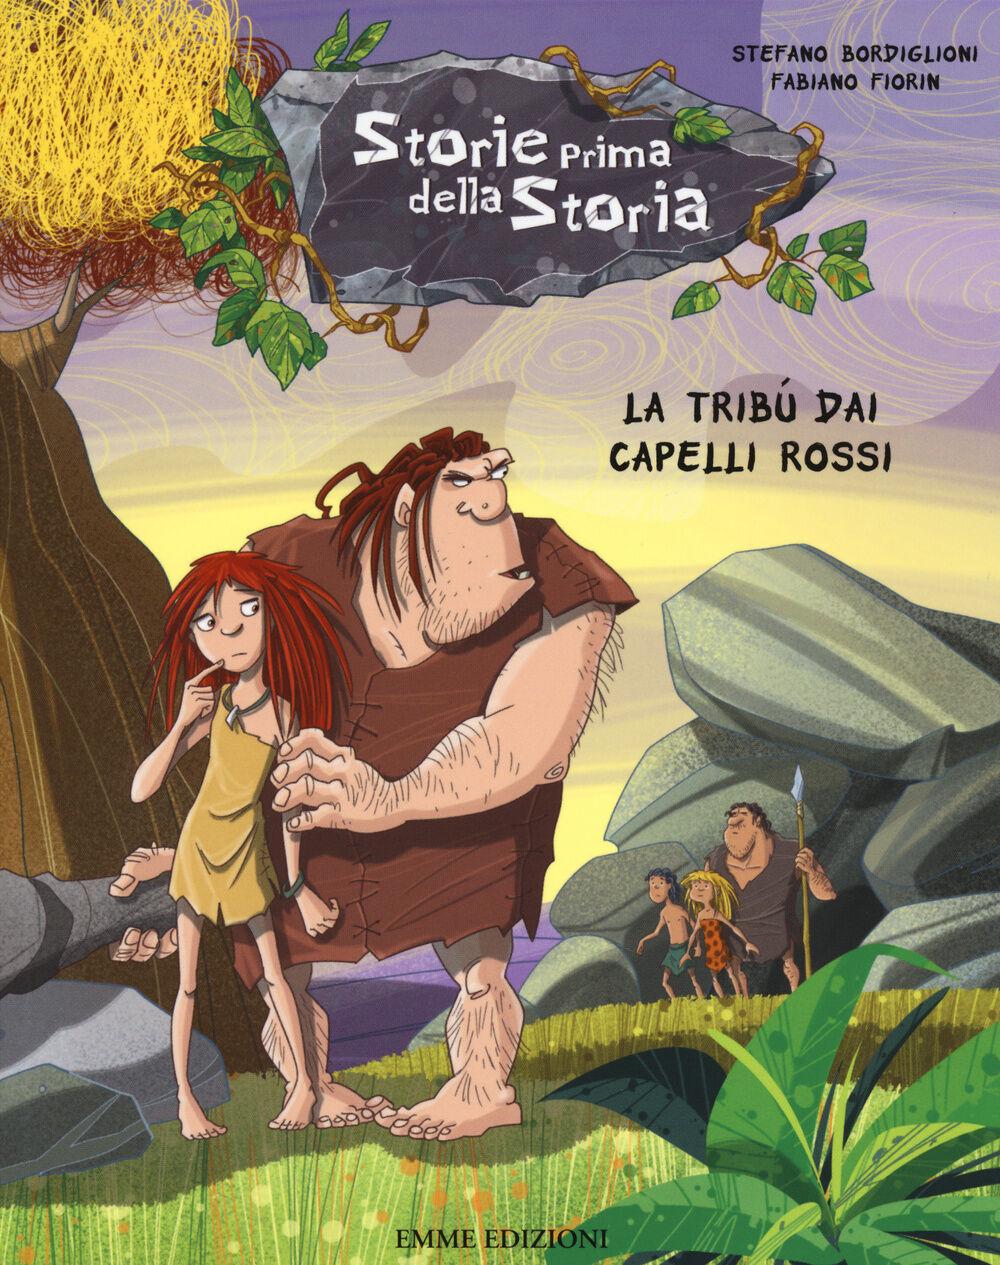 La tribù dai capelli rossi. Storie prima della storia. Vol. 7